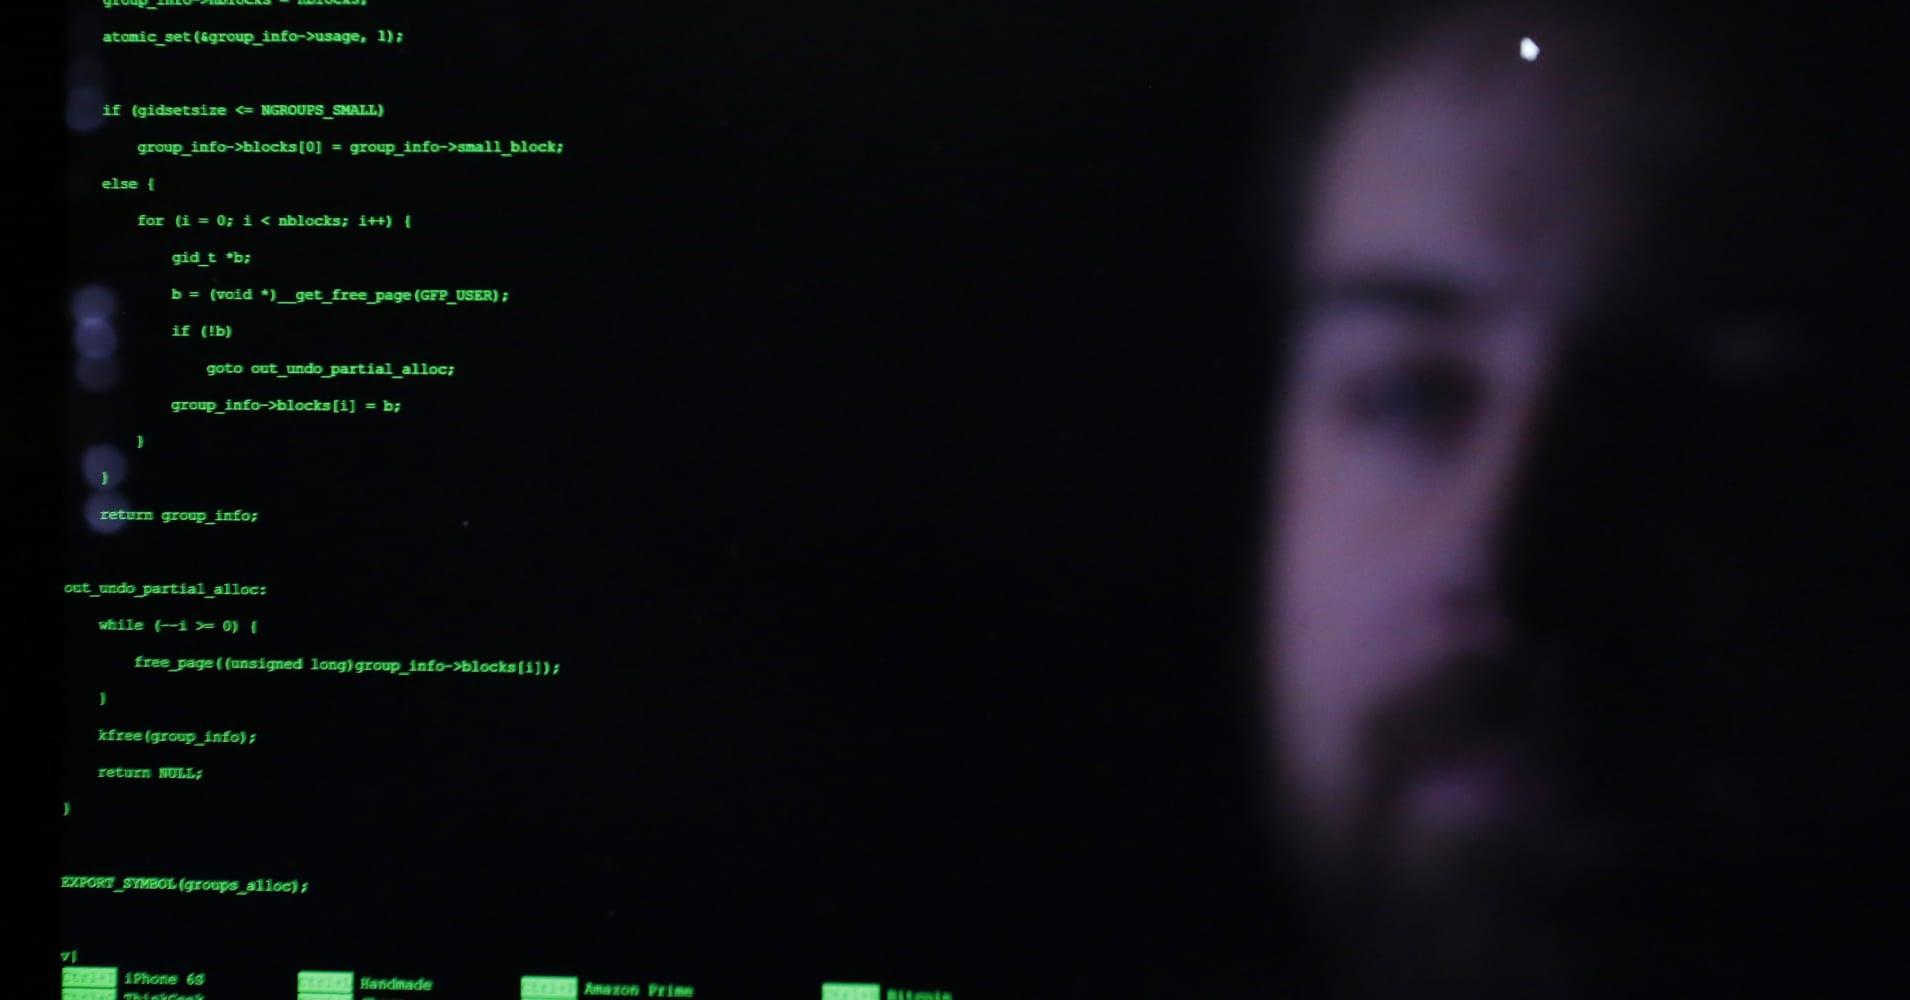 America has a 'cybersecurity crisis': Symantec CEO